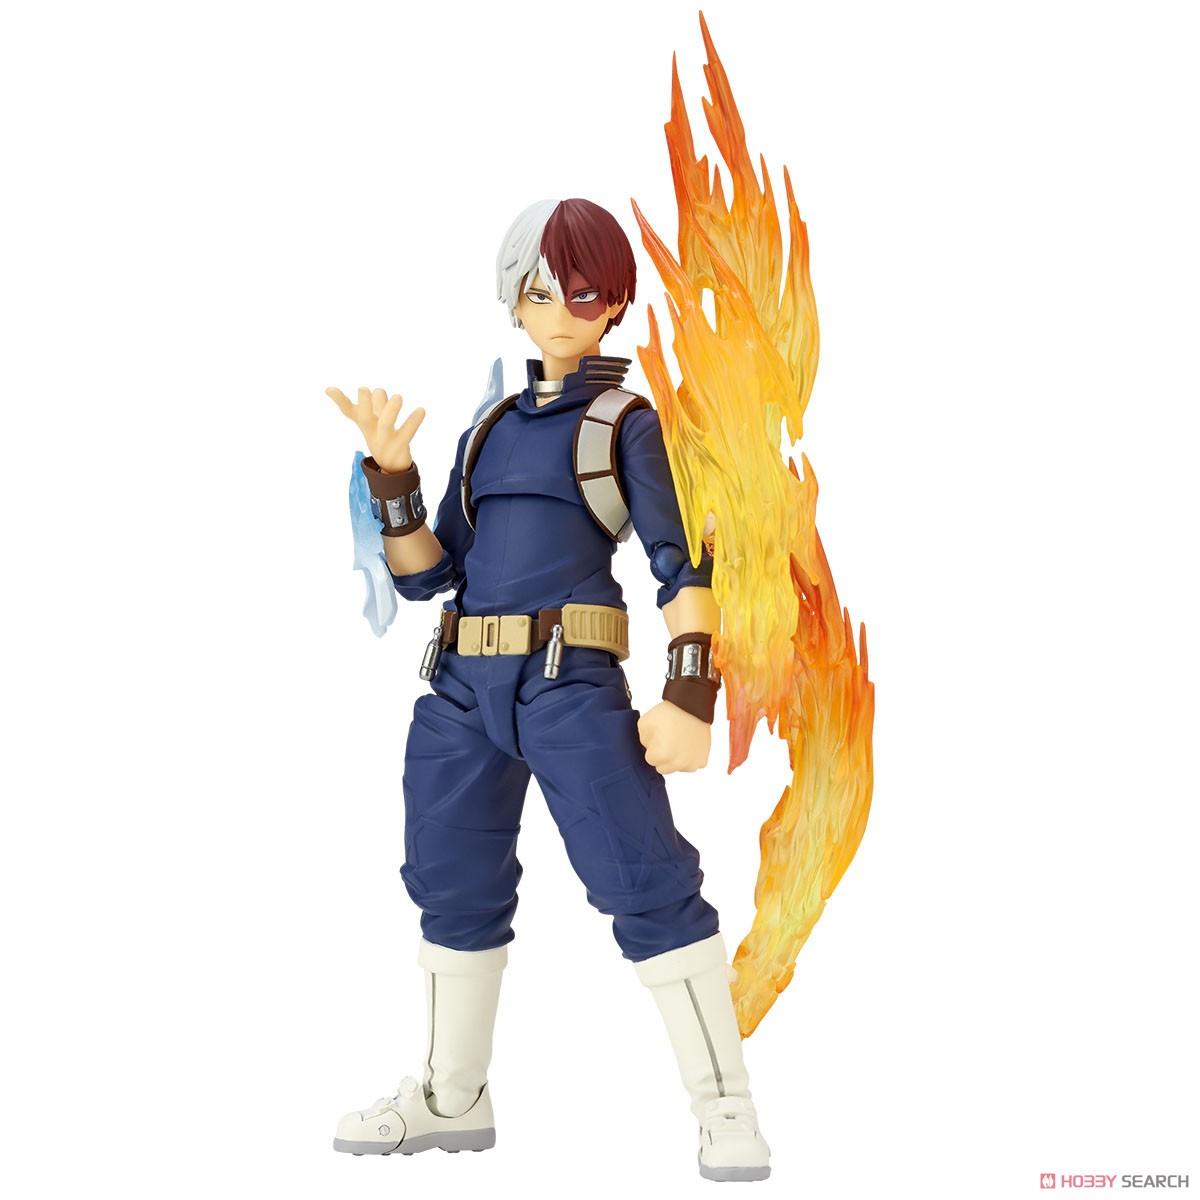 フィギュアコンプレックス アメイジング・ヤマグチ No.026『轟焦凍』僕のヒーローアカデミア 可動フィギュア-001